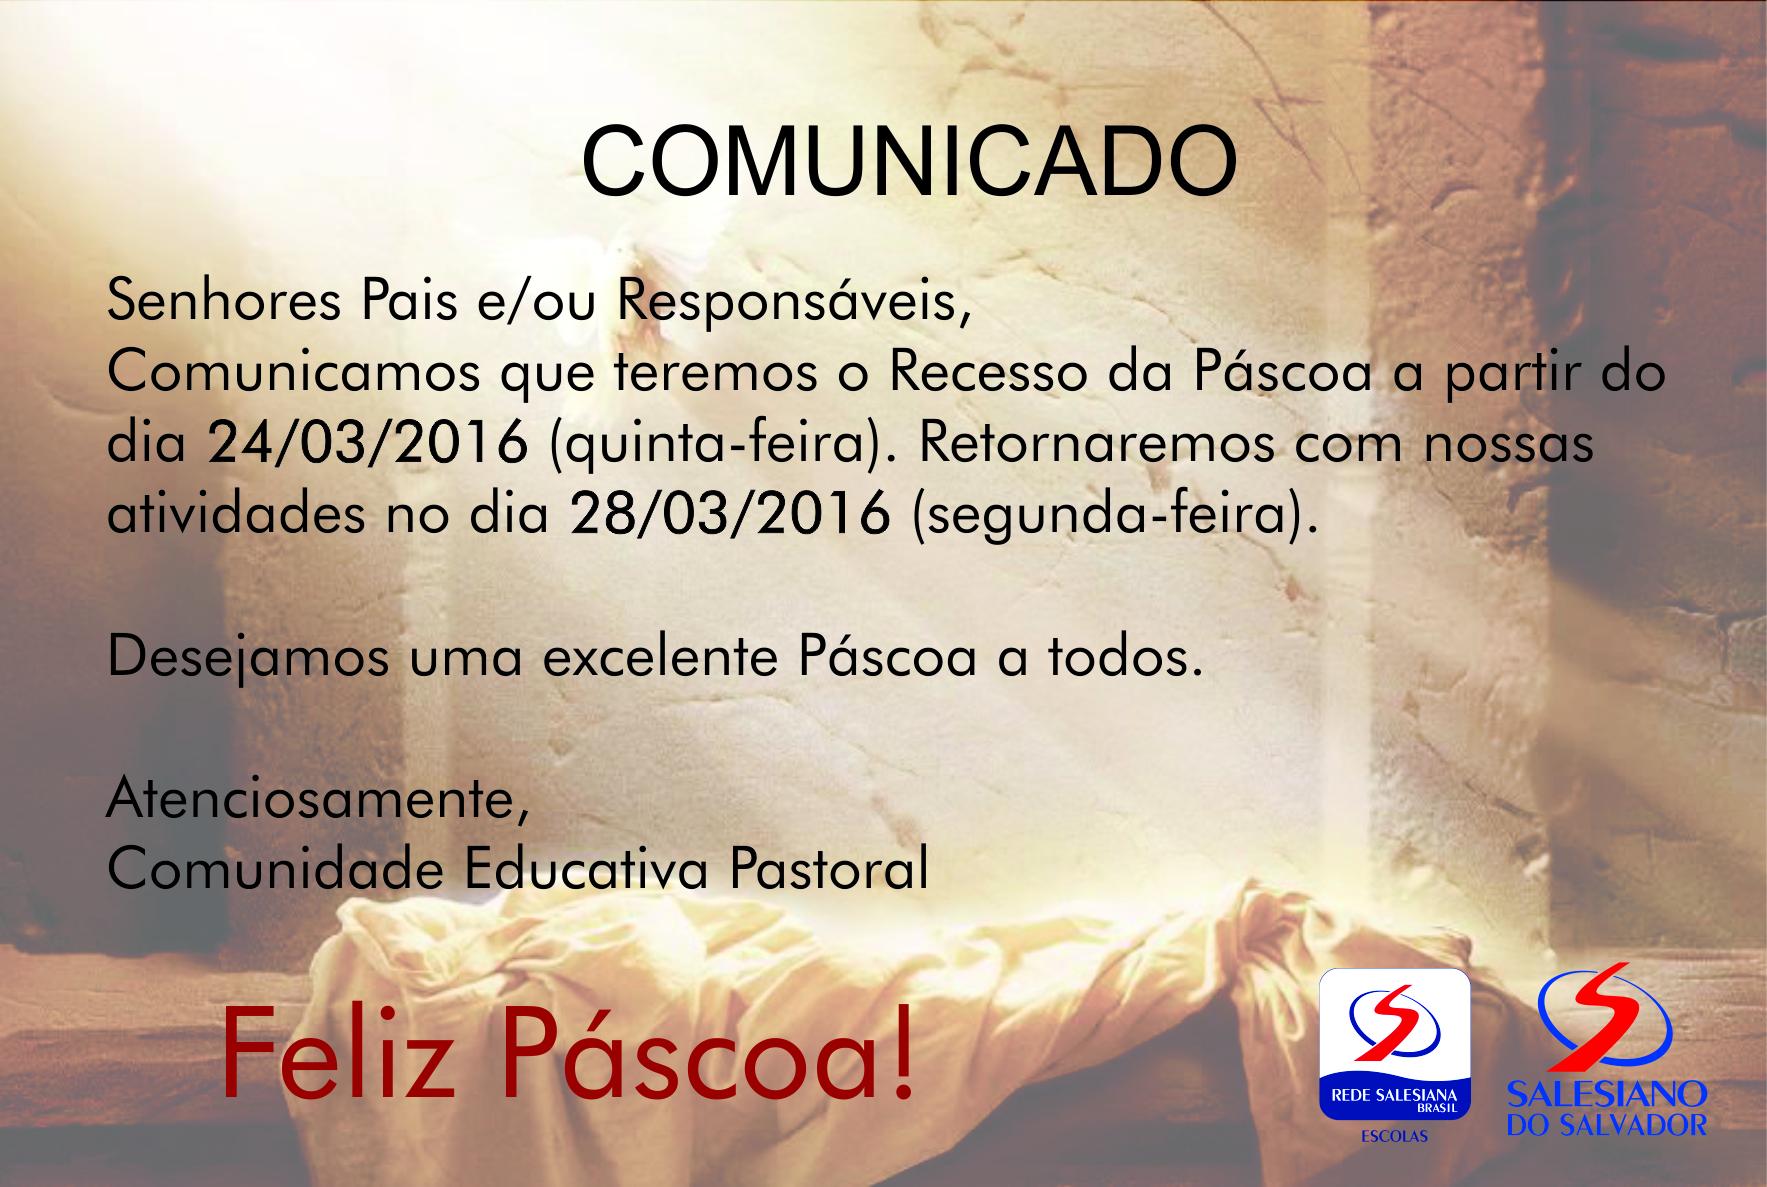 Comunicado_recesso_p_scoa